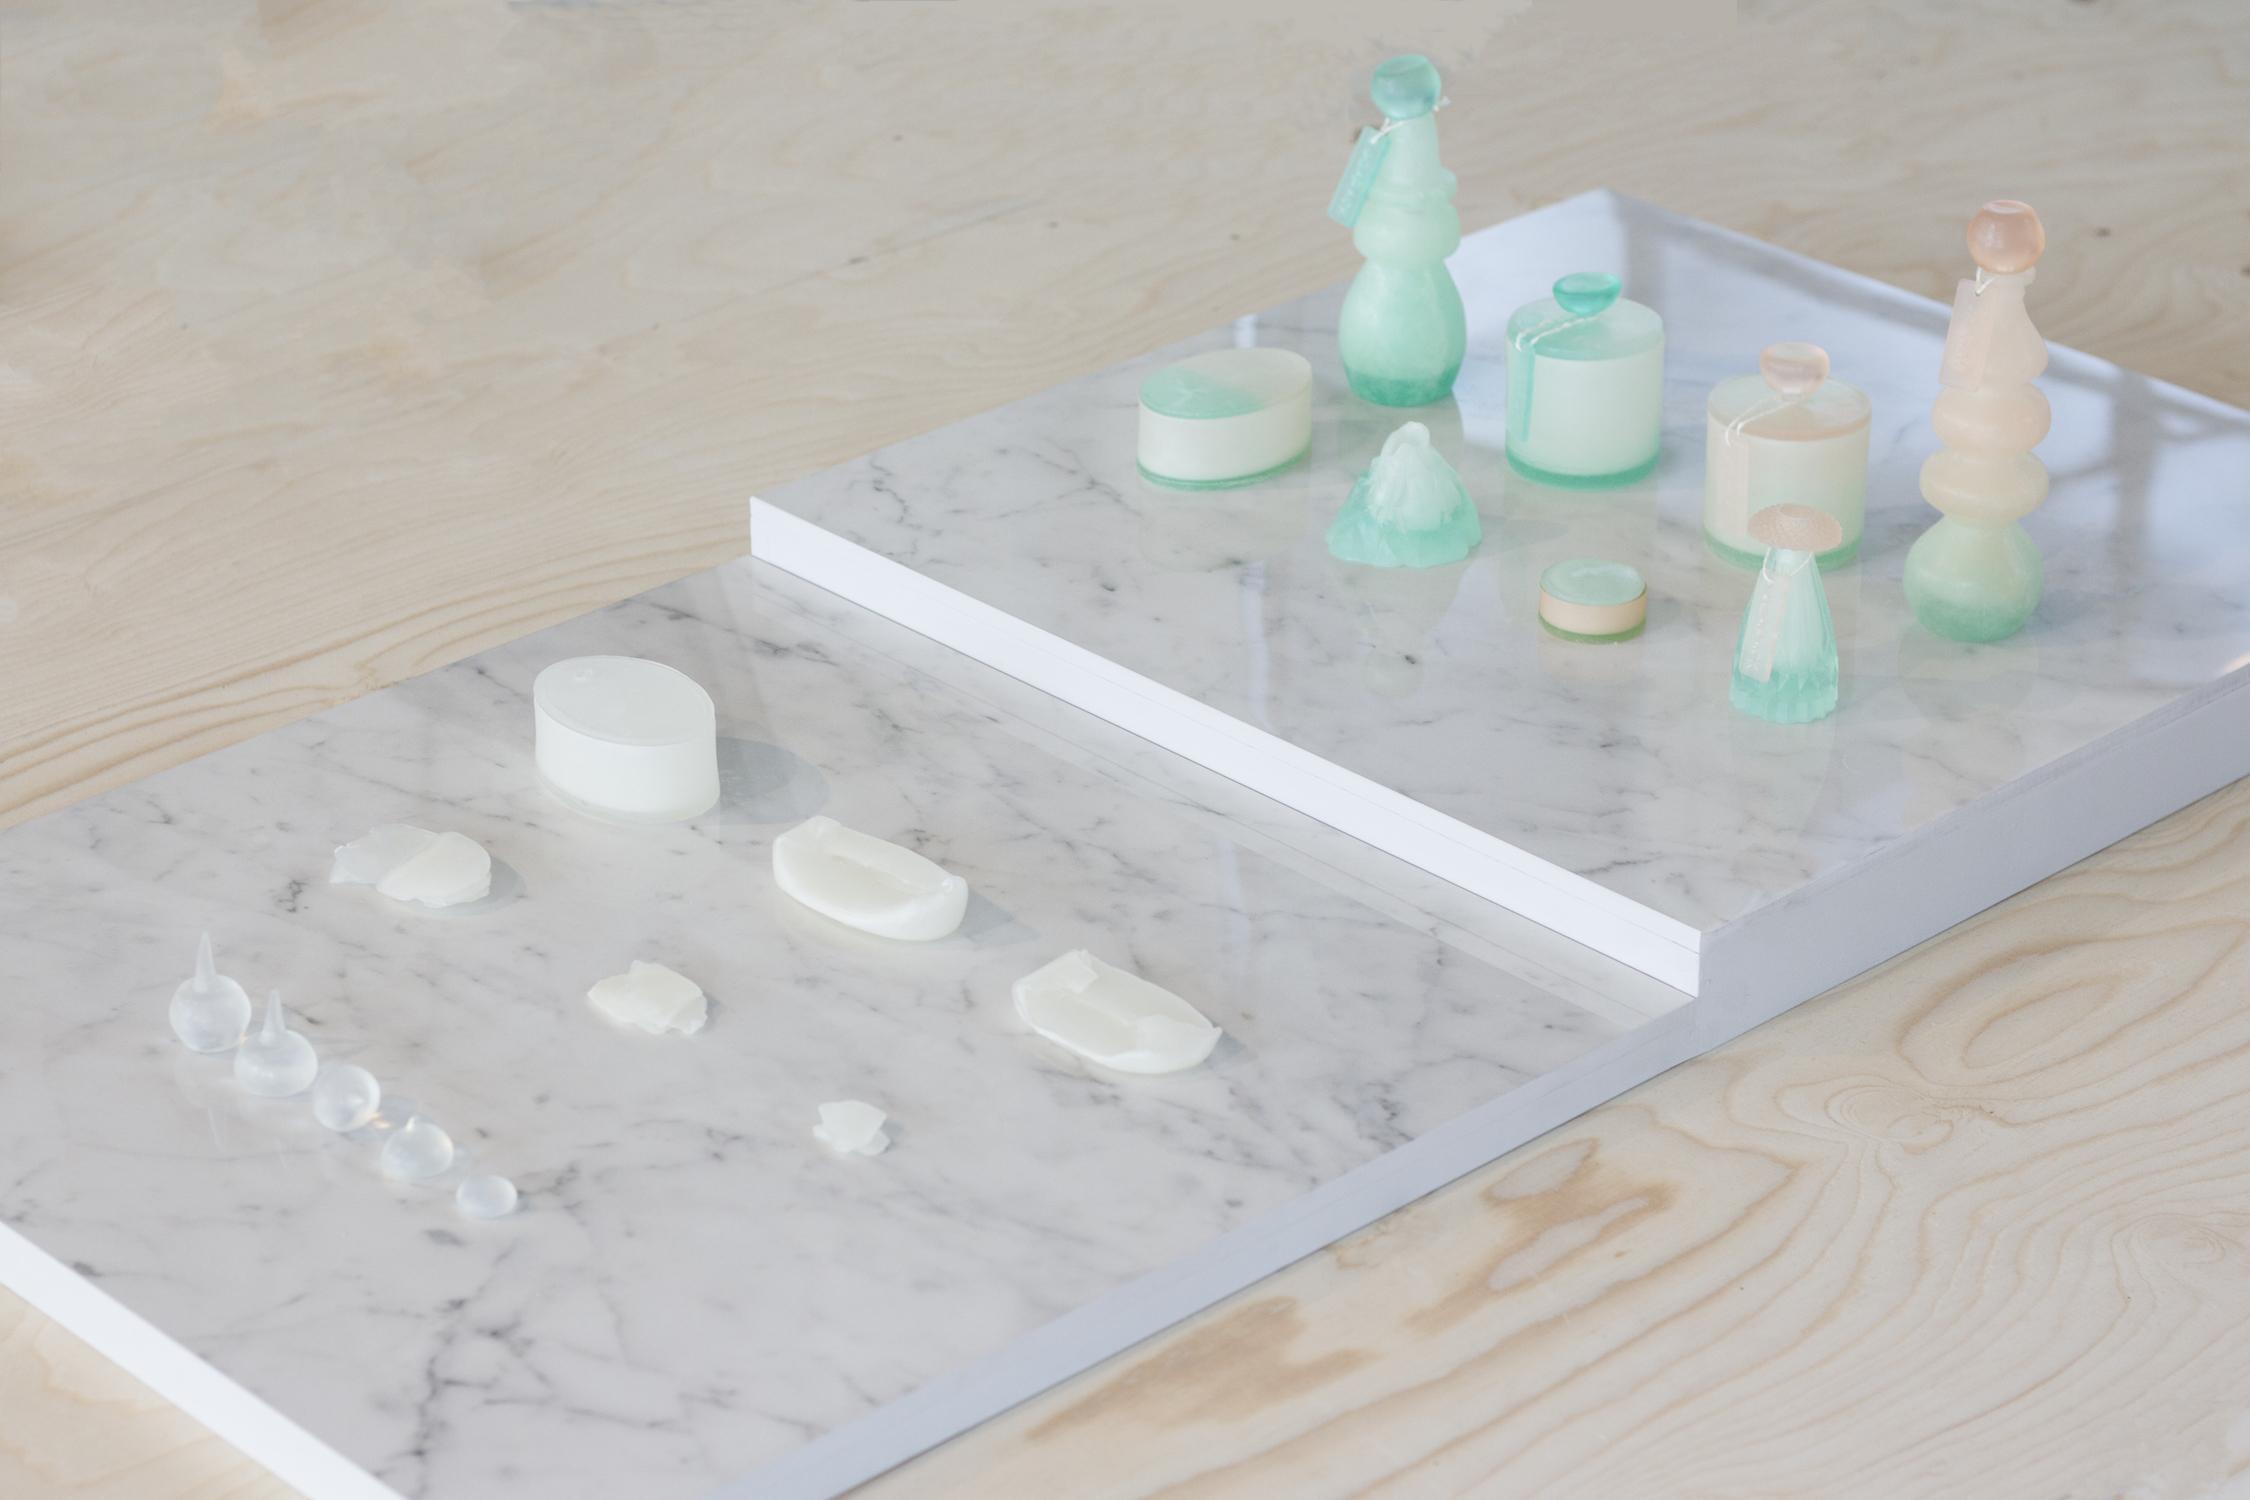 proceso de producción de envases de jabon soapack